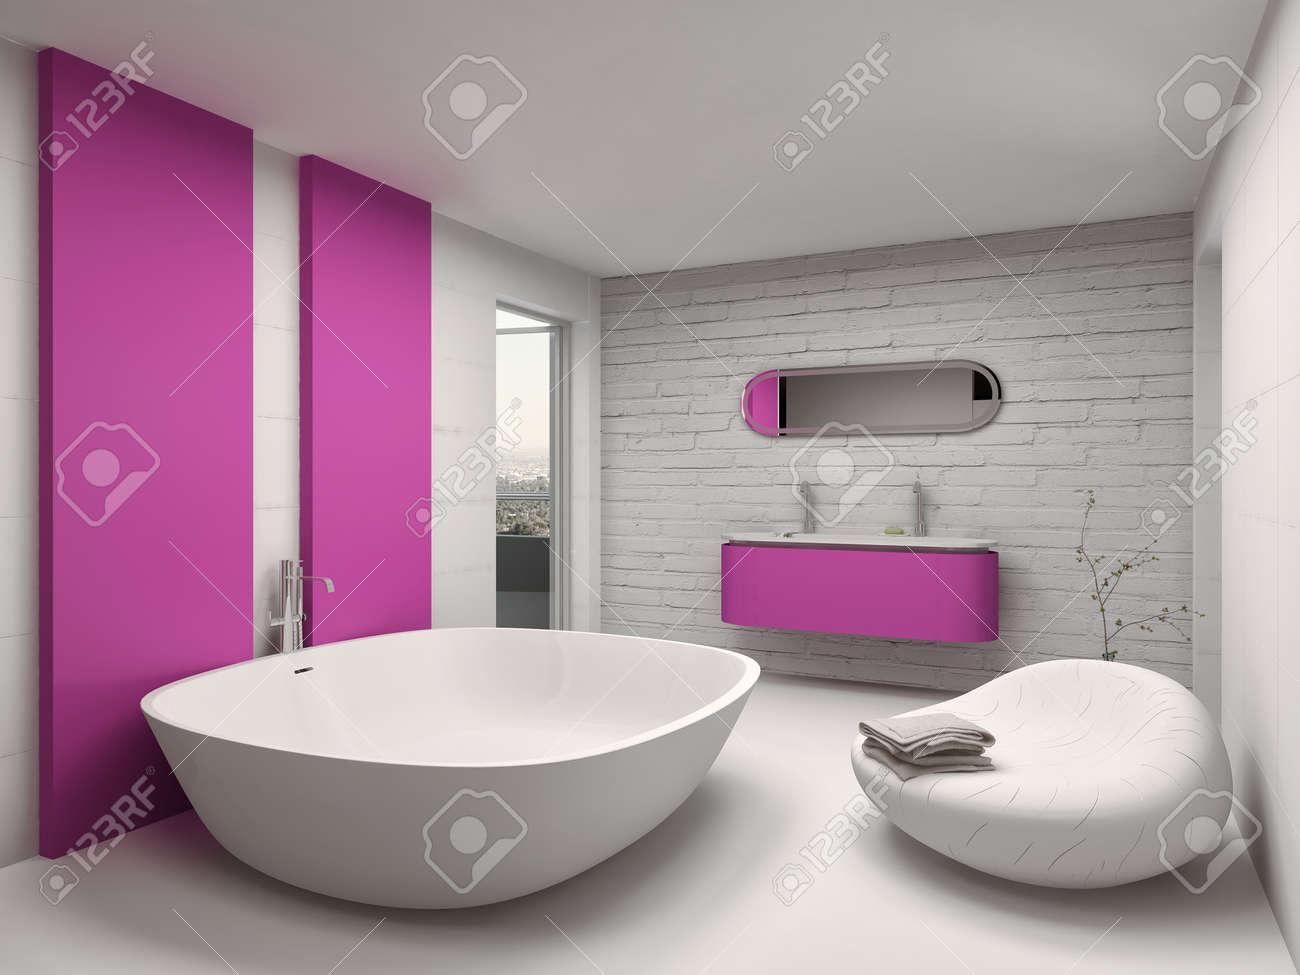 Intérieur De Salle De Bains Moderne Avec Baignoire Rose Supersize ...